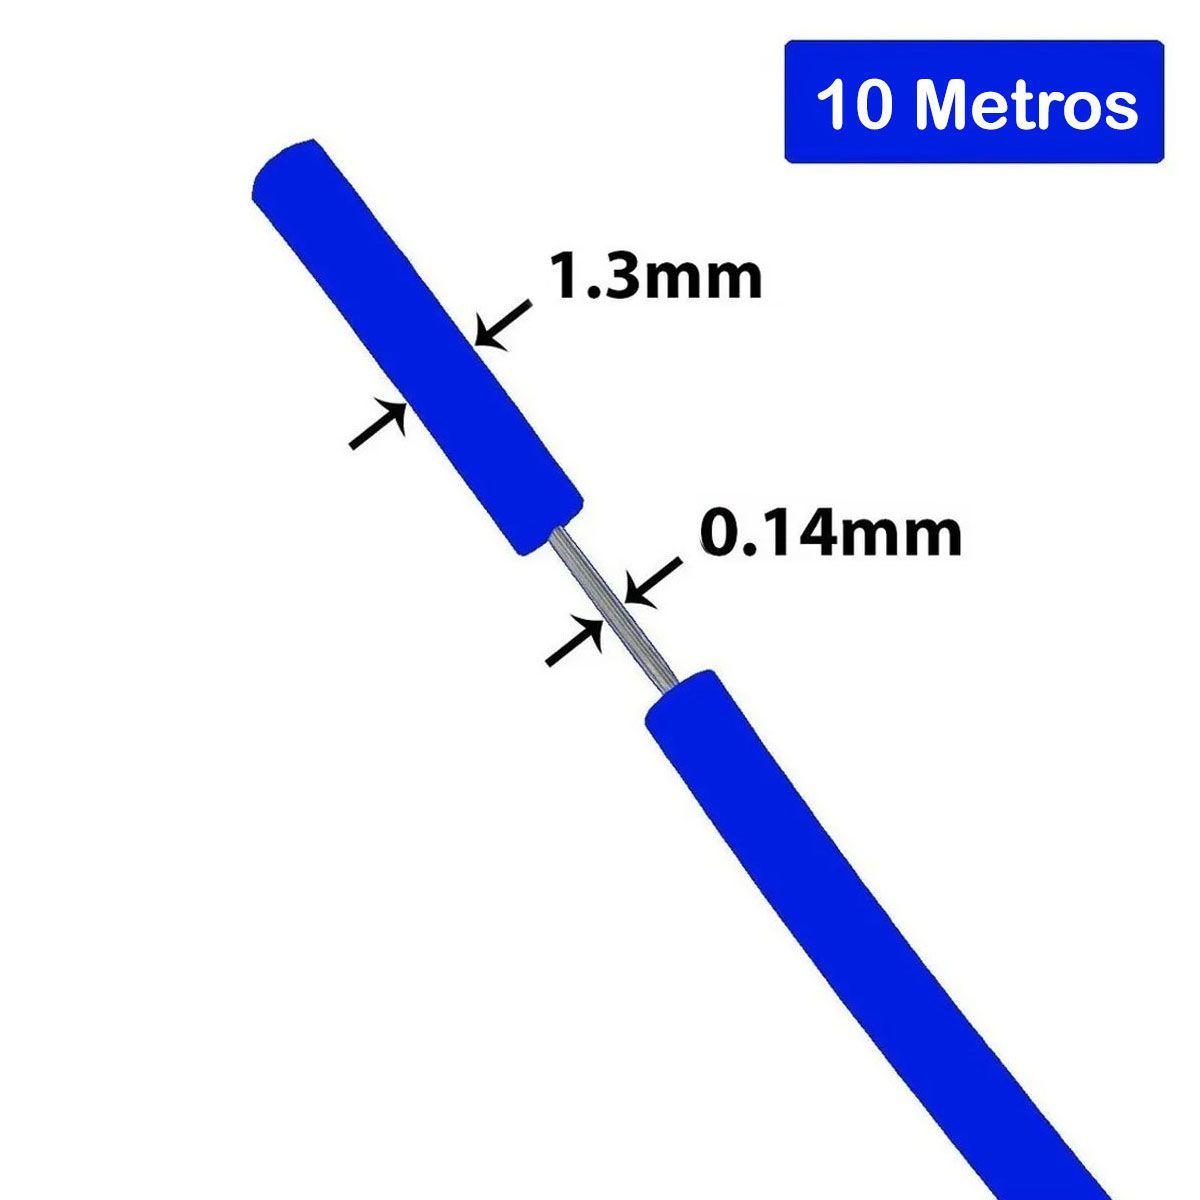 Fio Cabinho Flexível de Cobre Estranhado 0.14mm com 10 metros